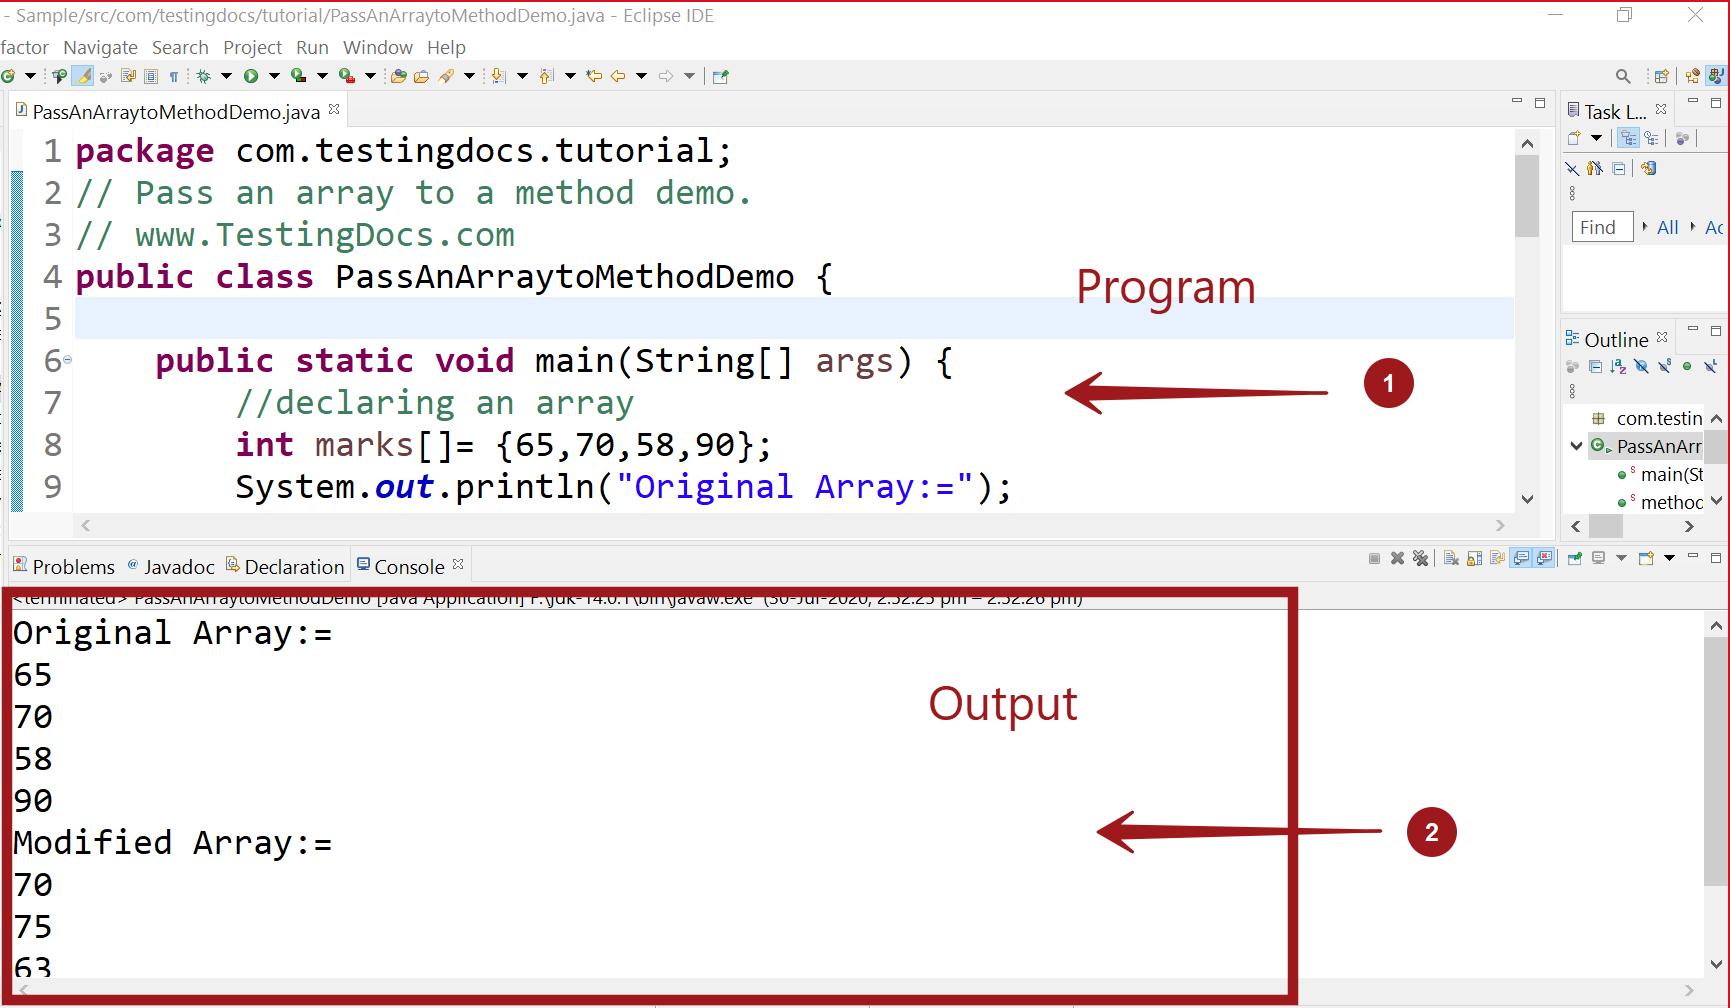 Pass an array to Method Java